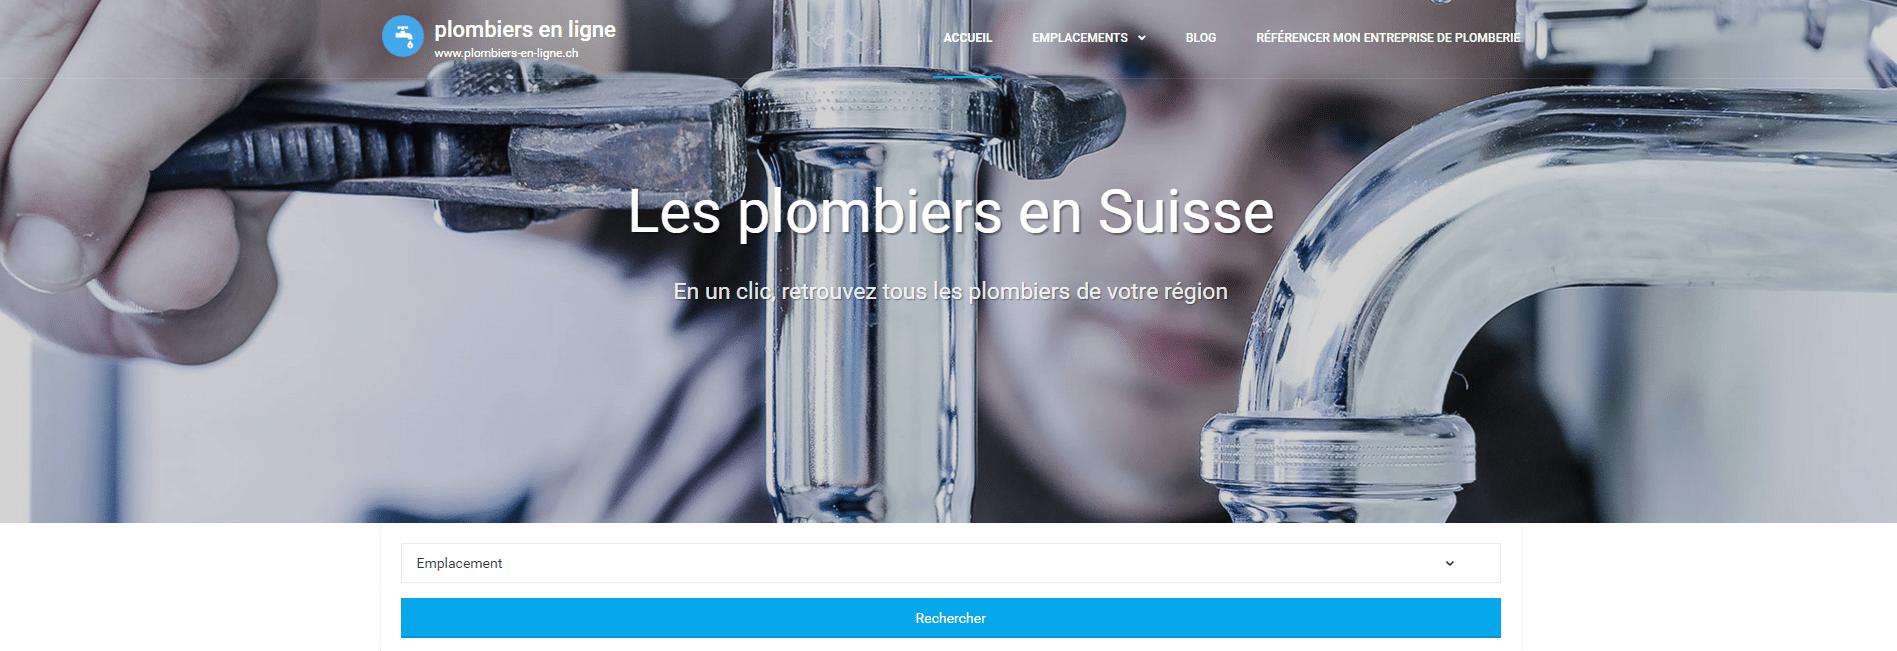 Sur plombiers-en-ligne.ch, trouvez le plombier qu'il vous faut à Genève!